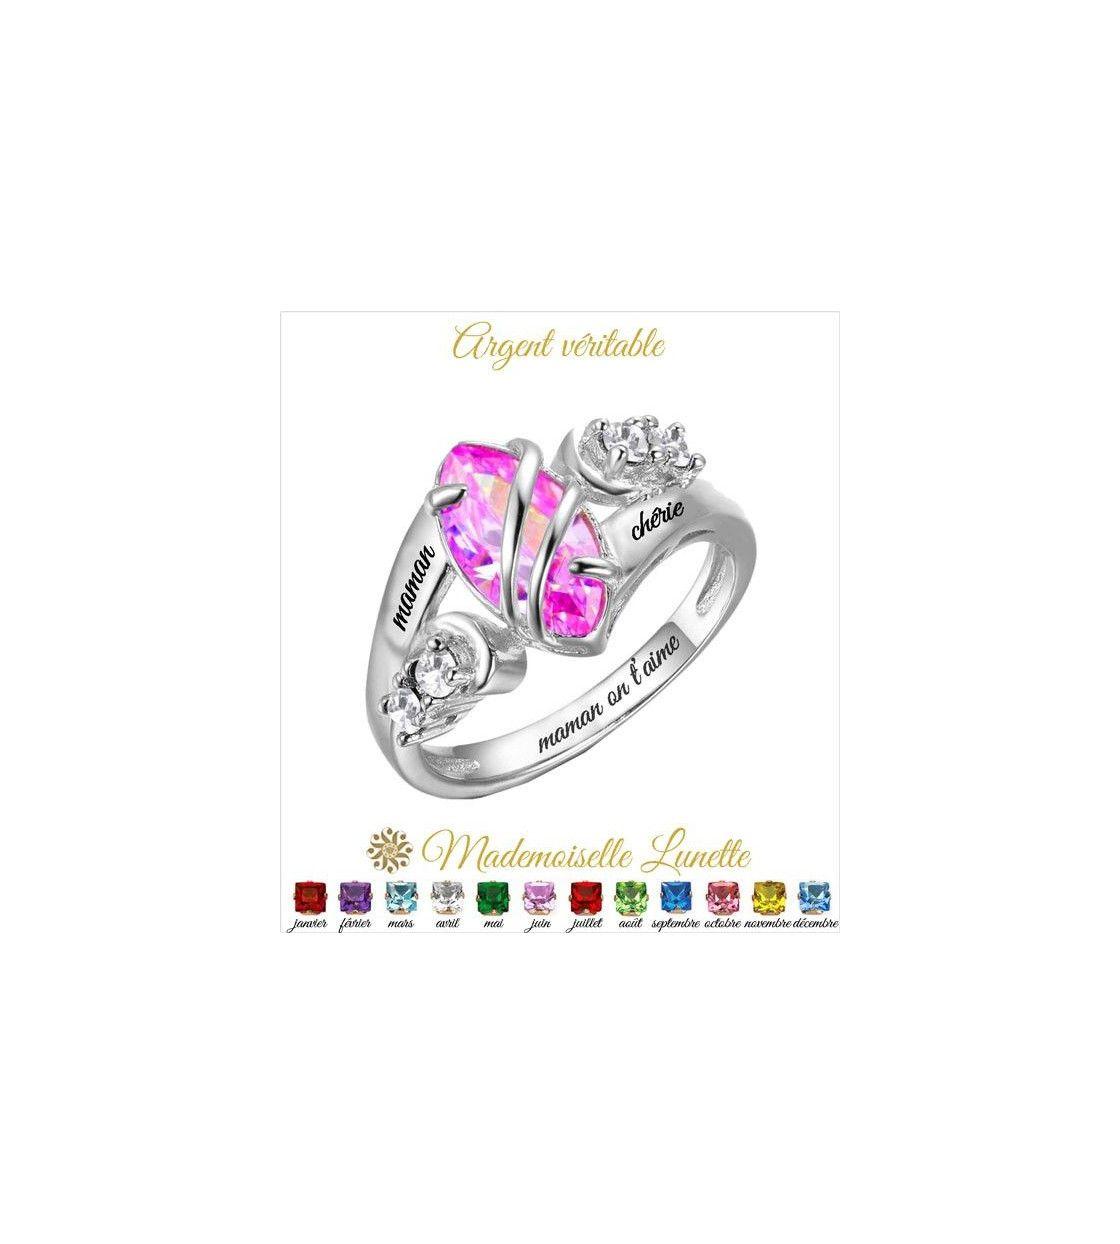 bague-argent-avec-une-pierre-de-naissance-forme-ovale-cadeau-pour-maman-amour